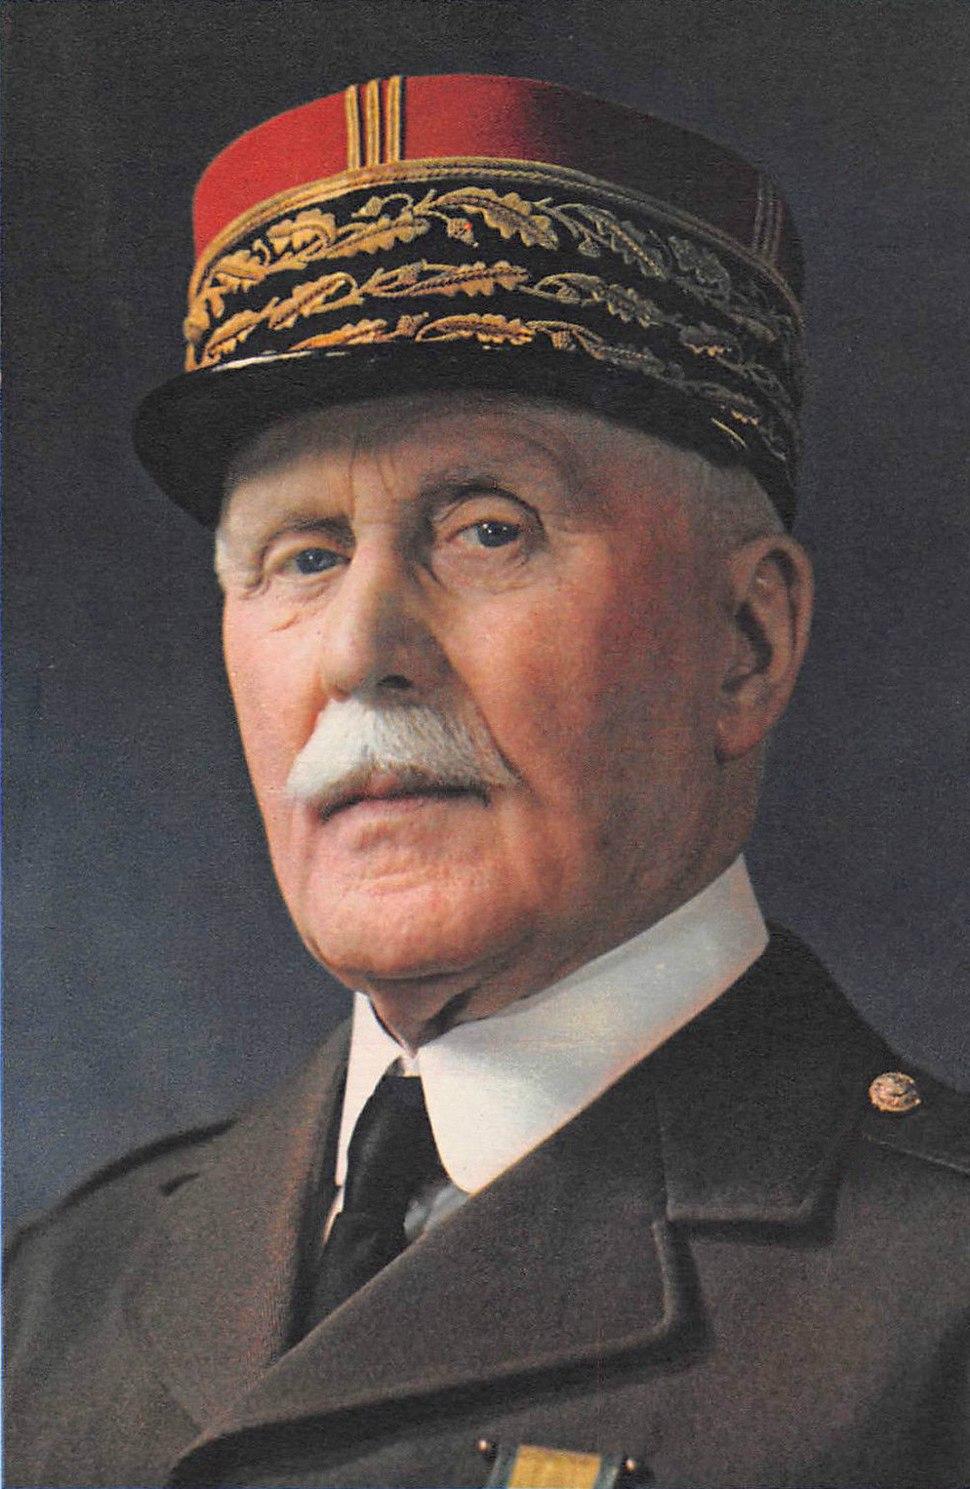 Pétain - Portrait photographique 1941